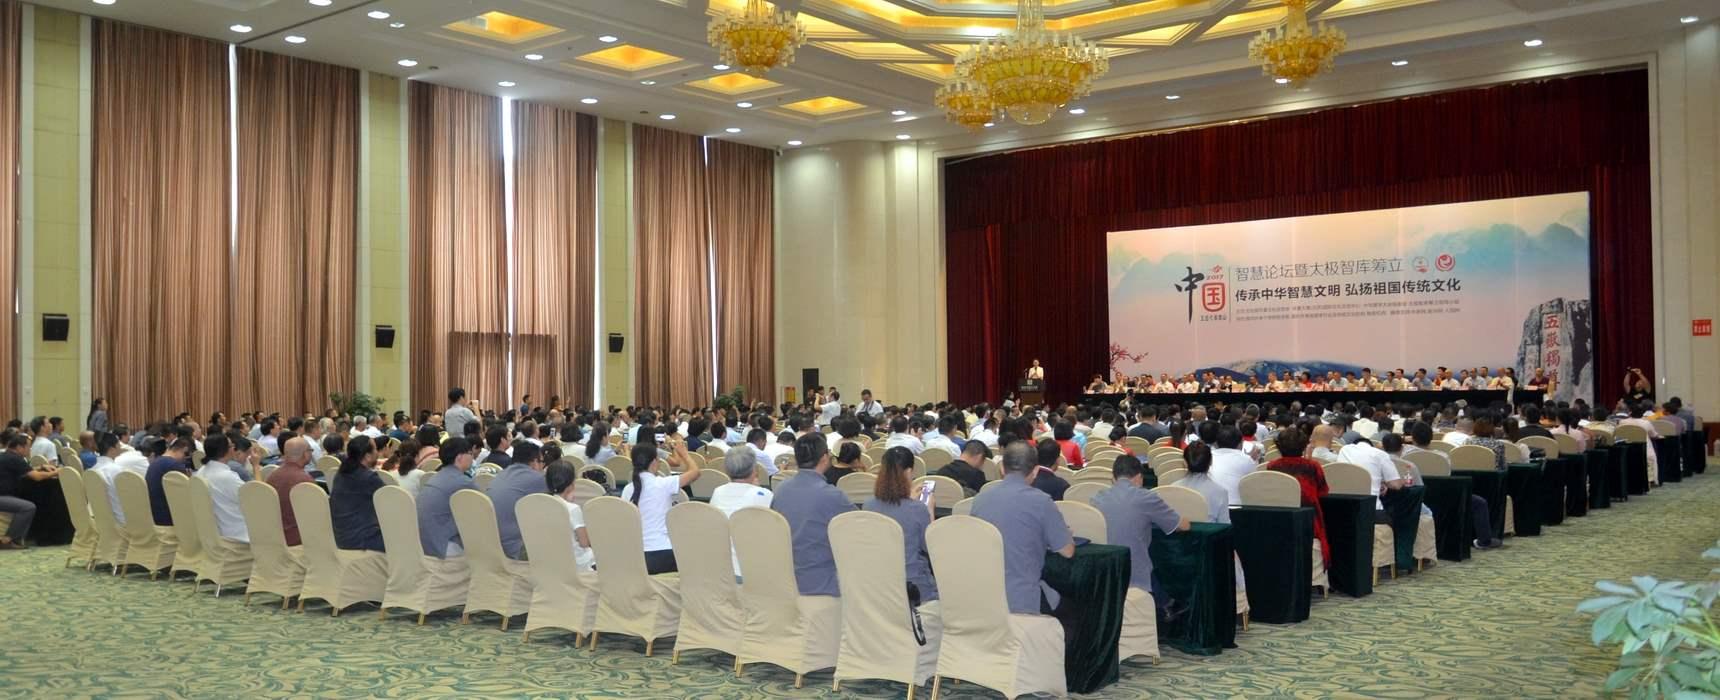 始于2005年的中华易学大会